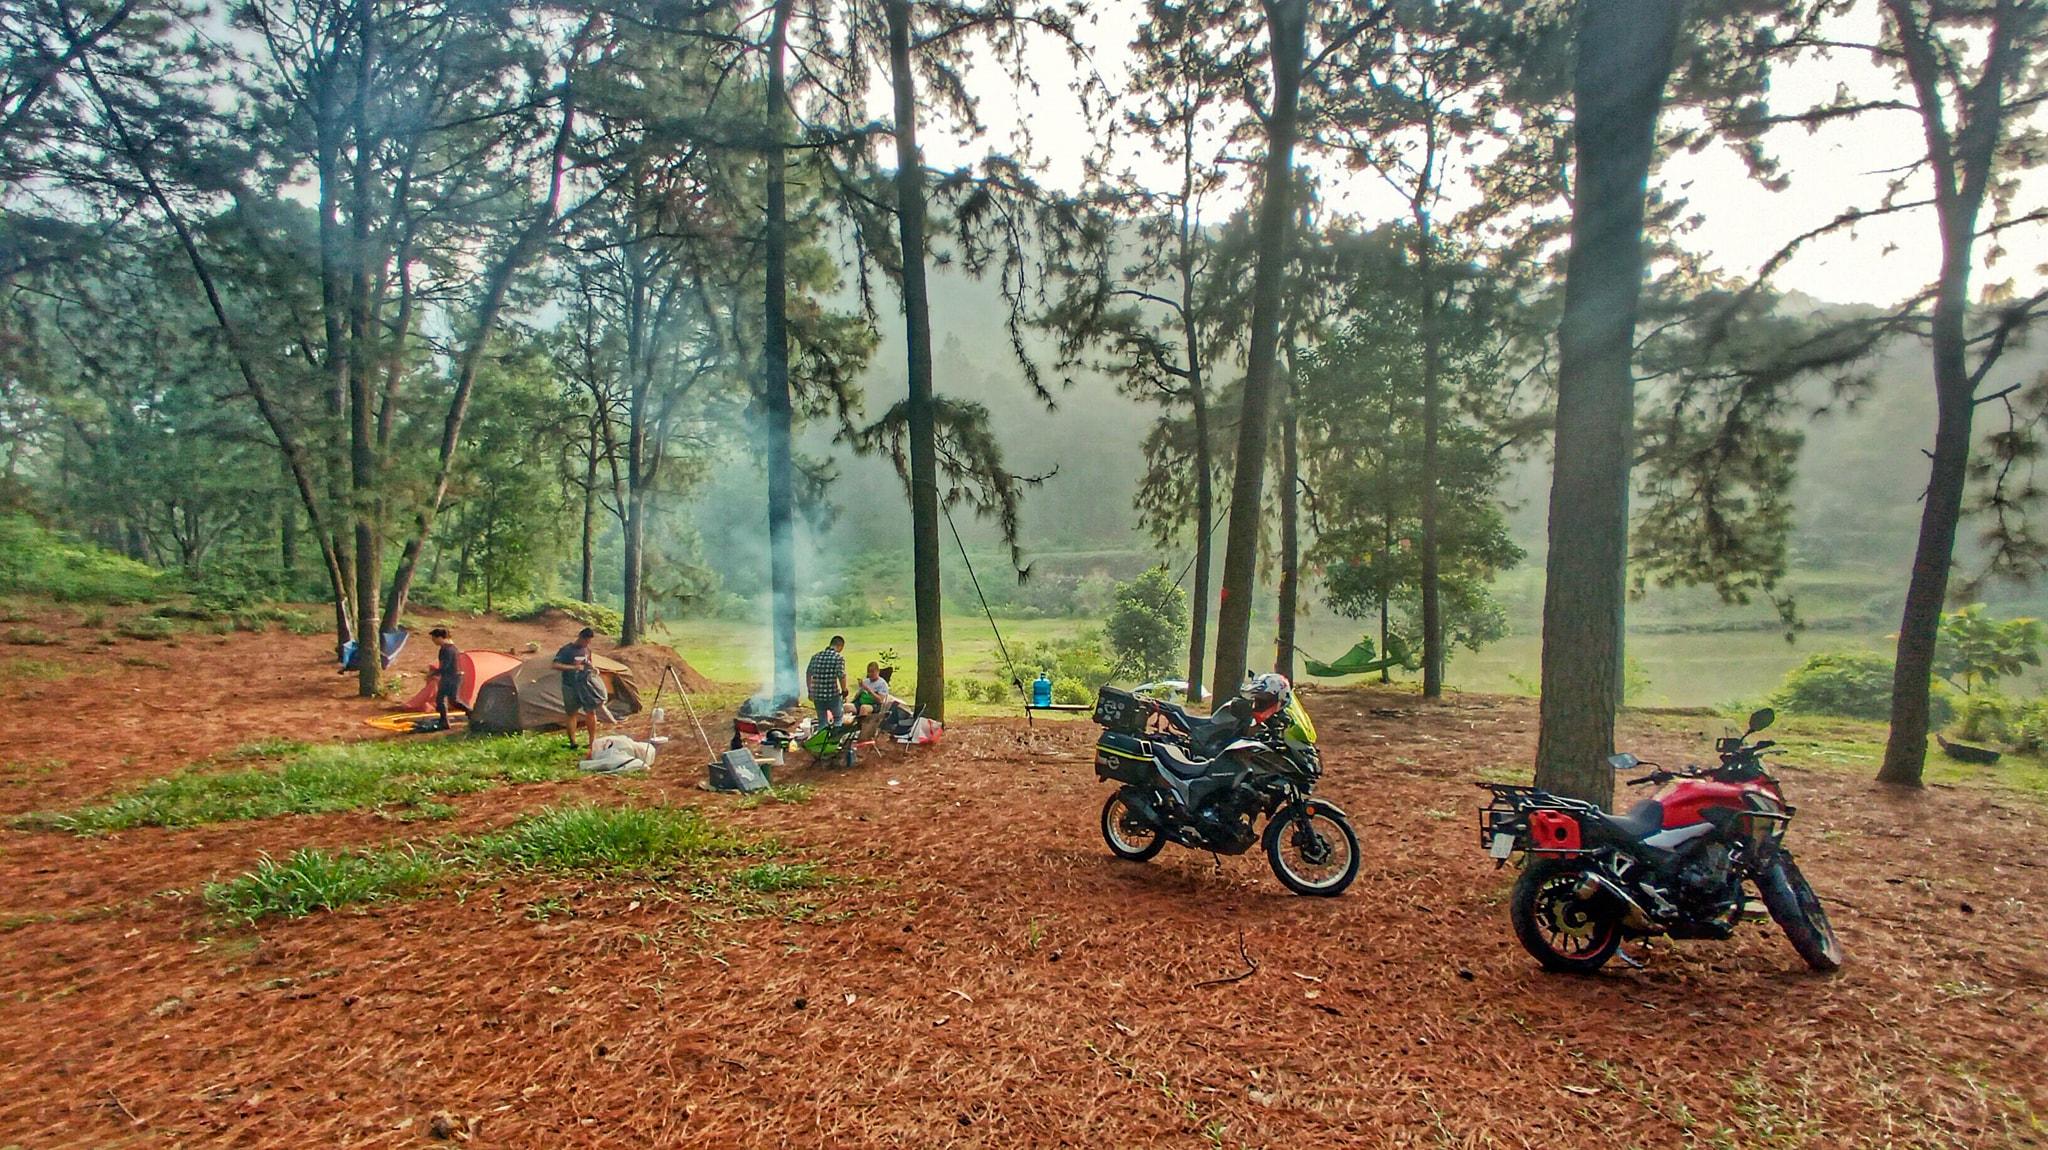 Ở khu vực hồ Hàm Lợn có cơ sở cho thuê lều trại, bếp nướng và bán củi khô. Ảnh: Mai Sơn